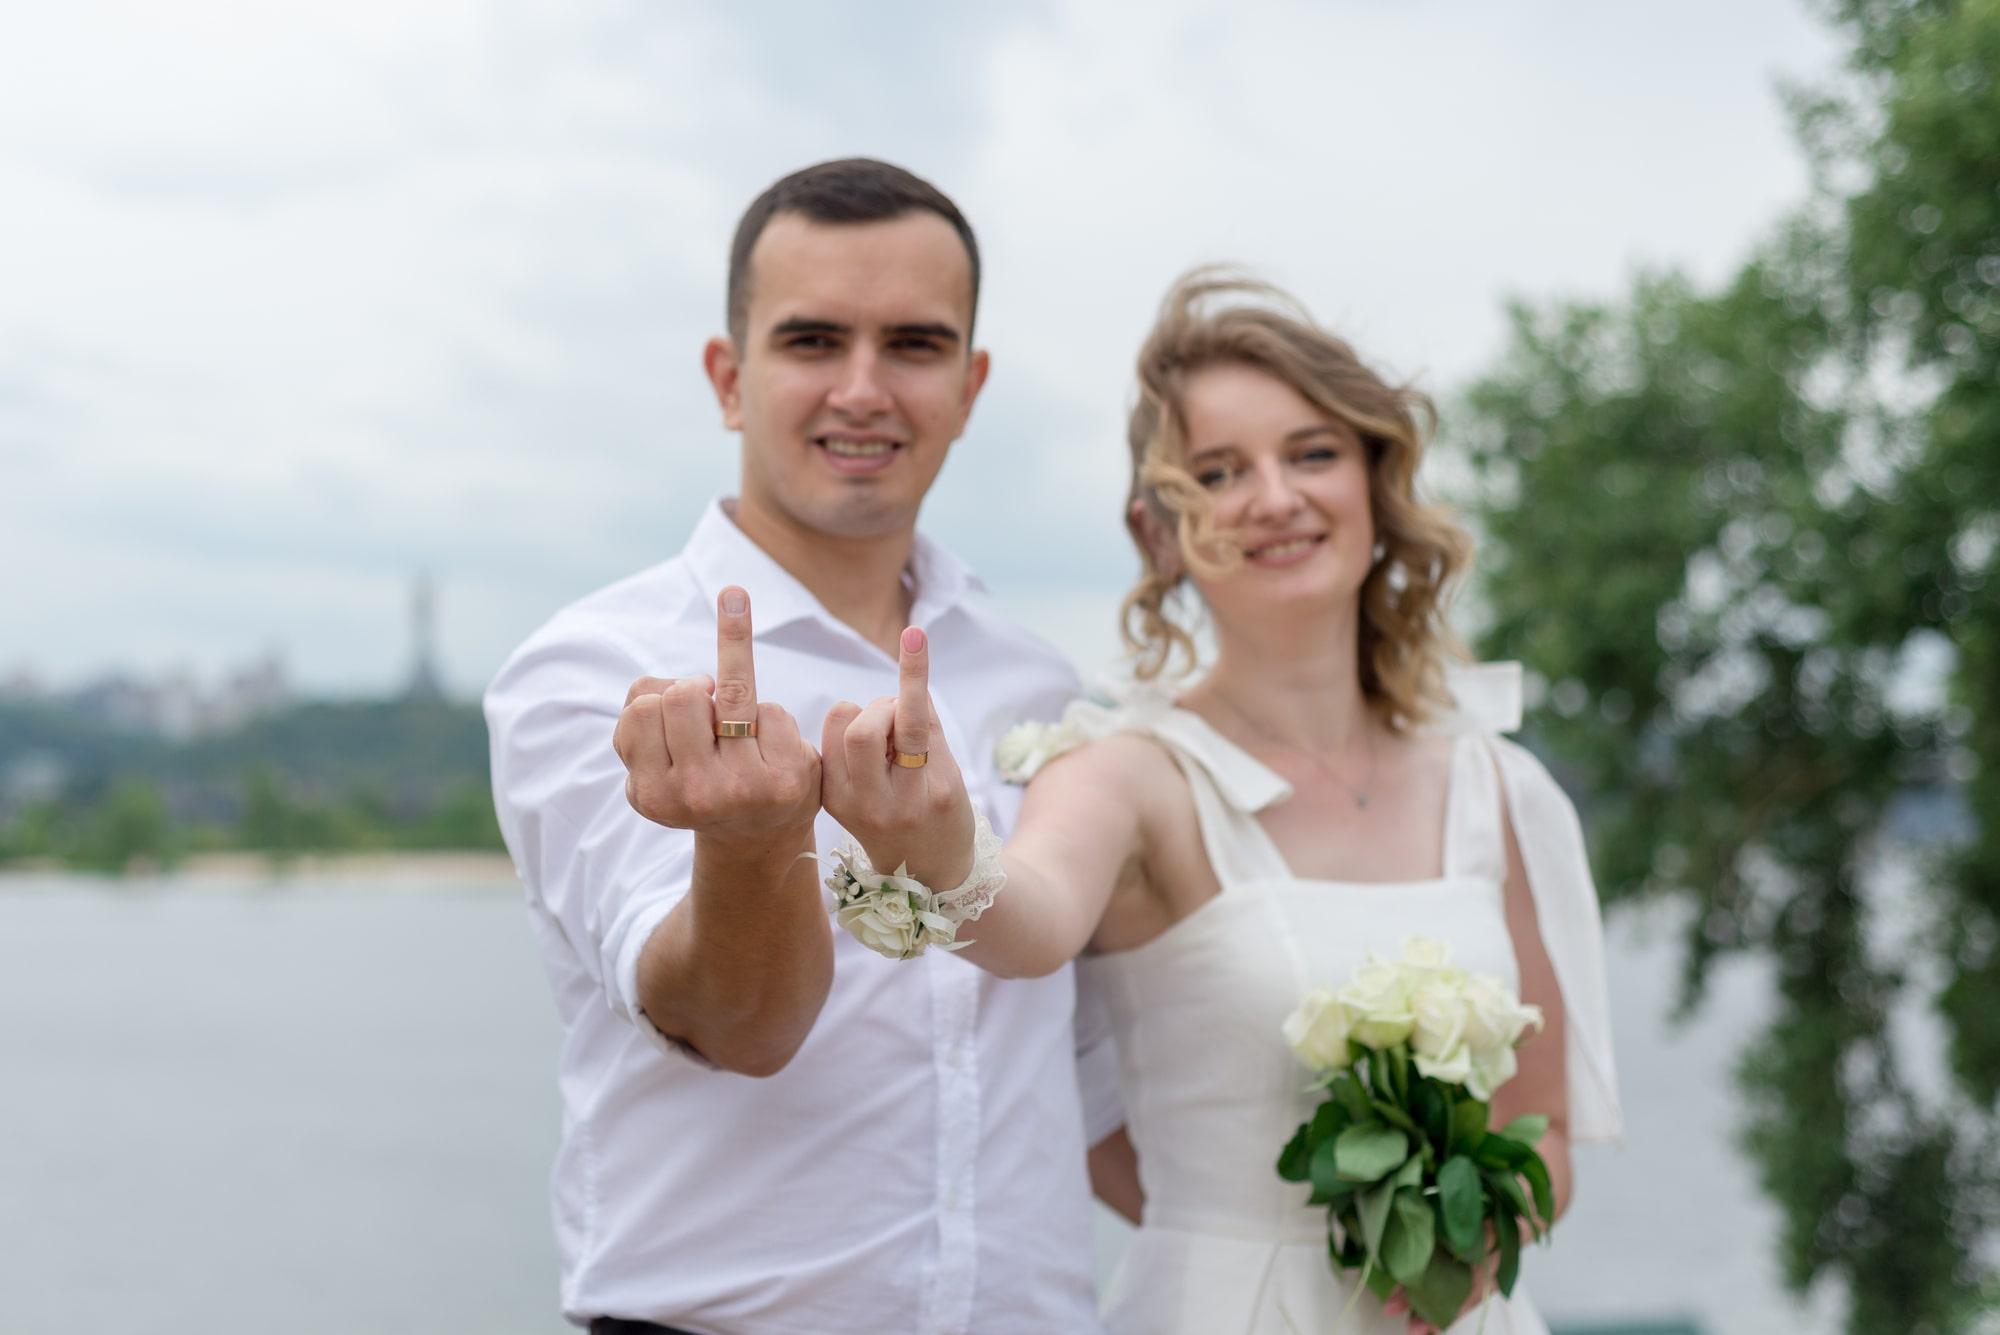 Фотосессия свадебная возле Днепра - молодые показывают кольца